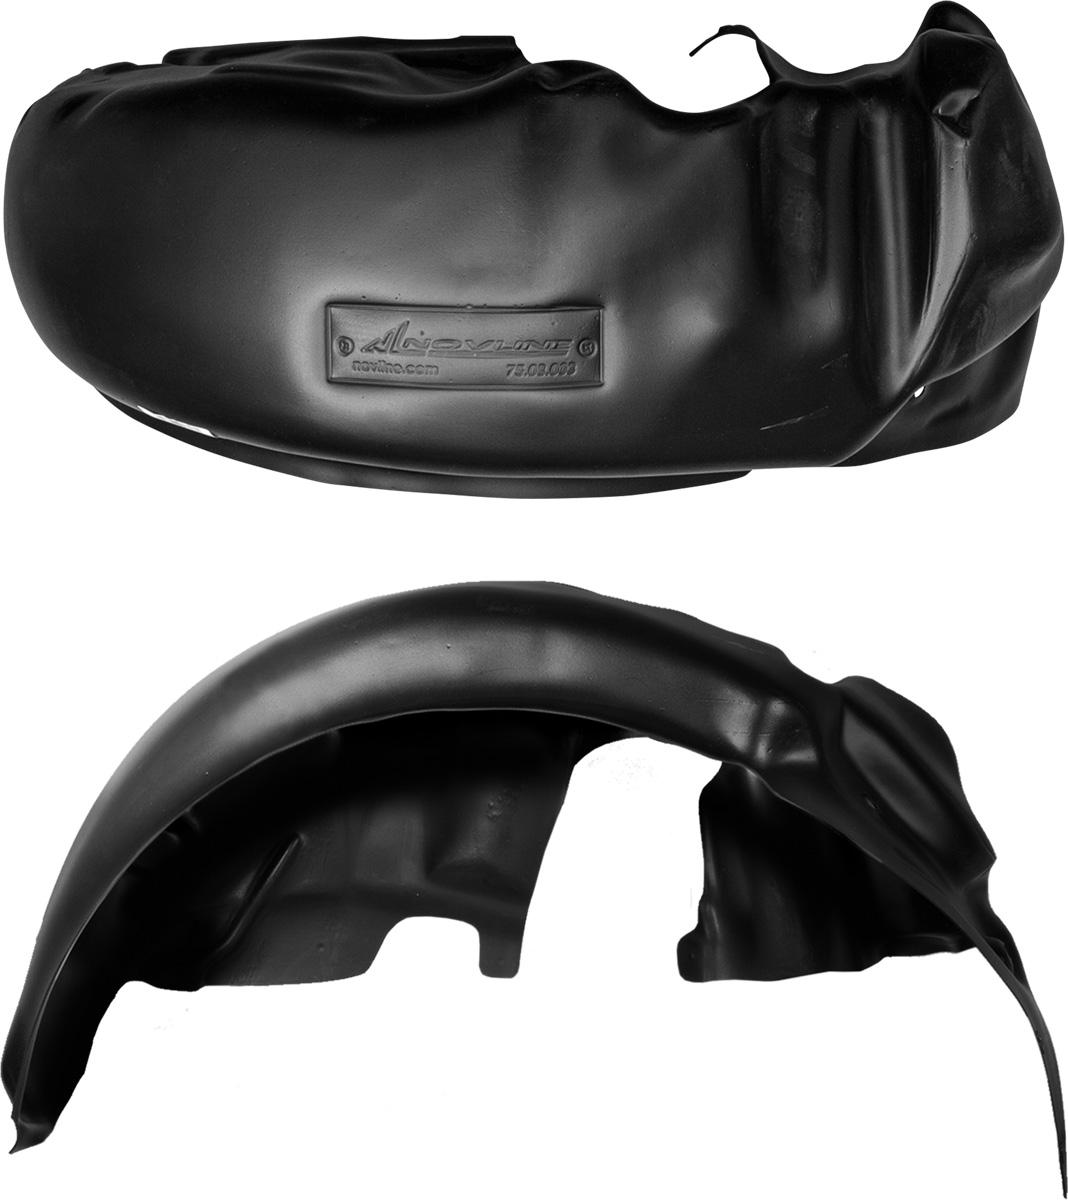 Подкрылок CHEVROLET NIVA 2009-2013, задний правыйCA-3505Колесные ниши – одни из самых уязвимых зон днища вашего автомобиля. Они постоянно подвергаются воздействию со стороны дороги. Лучшая, почти абсолютная защита для них - специально отформованные пластиковые кожухи, которые называются подкрылками, или локерами. Производятся они как для отечественных моделей автомобилей, так и для иномарок. Подкрылки выполнены из высококачественного, экологически чистого пластика. Обеспечивают надежную защиту кузова автомобиля от пескоструйного эффекта и негативного влияния, агрессивных антигололедных реагентов. Пластик обладает более низкой теплопроводностью, чем металл, поэтому в зимний период эксплуатации использование пластиковых подкрылков позволяет лучше защитить колесные ниши от налипания снега и образования наледи. Оригинальность конструкции подчеркивает элегантность автомобиля, бережно защищает нанесенное на днище кузова антикоррозийное покрытие и позволяет осуществить крепление подкрылков внутри колесной арки практически без дополнительного крепежа и сверления, не нарушая при этом лакокрасочного покрытия, что предотвращает возникновение новых очагов коррозии. Технология крепления подкрылков на иномарки принципиально отличается от крепления на российские автомобили и разрабатывается индивидуально для каждой модели автомобиля. Подкрылки долговечны, обладают высокой прочностью и сохраняют заданную форму, а также все свои физико-механические характеристики в самых тяжелых климатических условиях ( от -50° С до + 50° С).